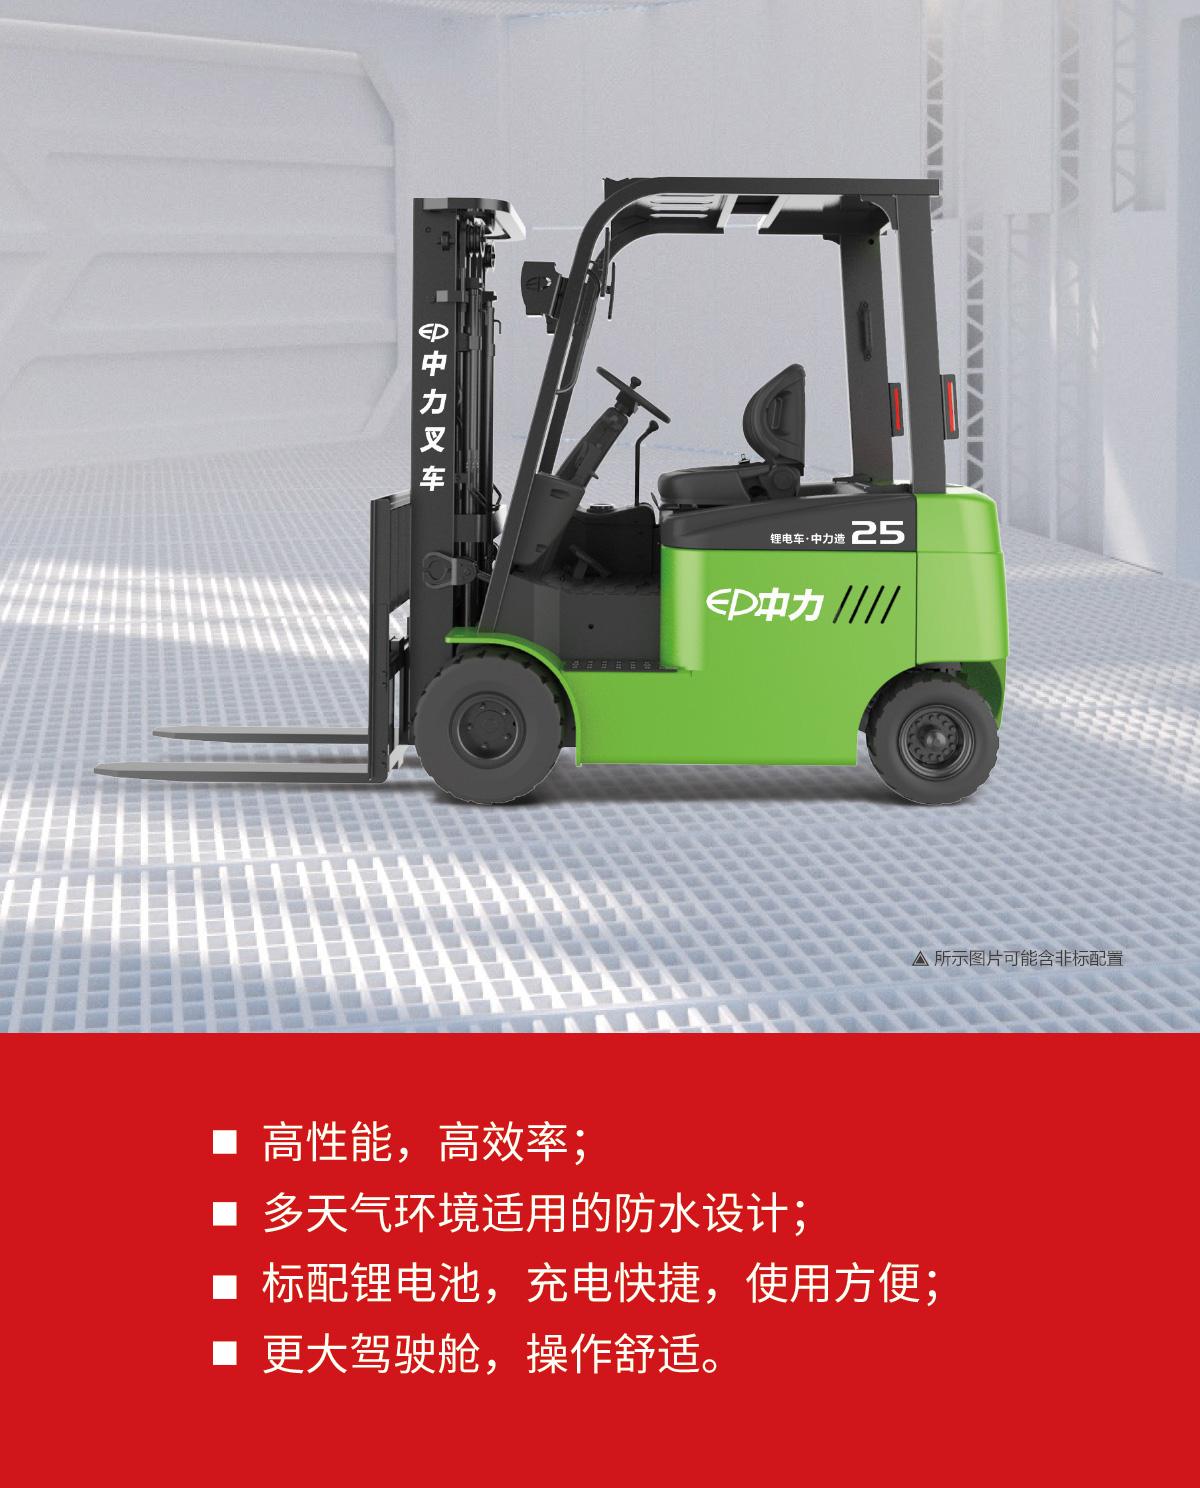 中力 2.5吨电动叉车 锂电CPD25L2